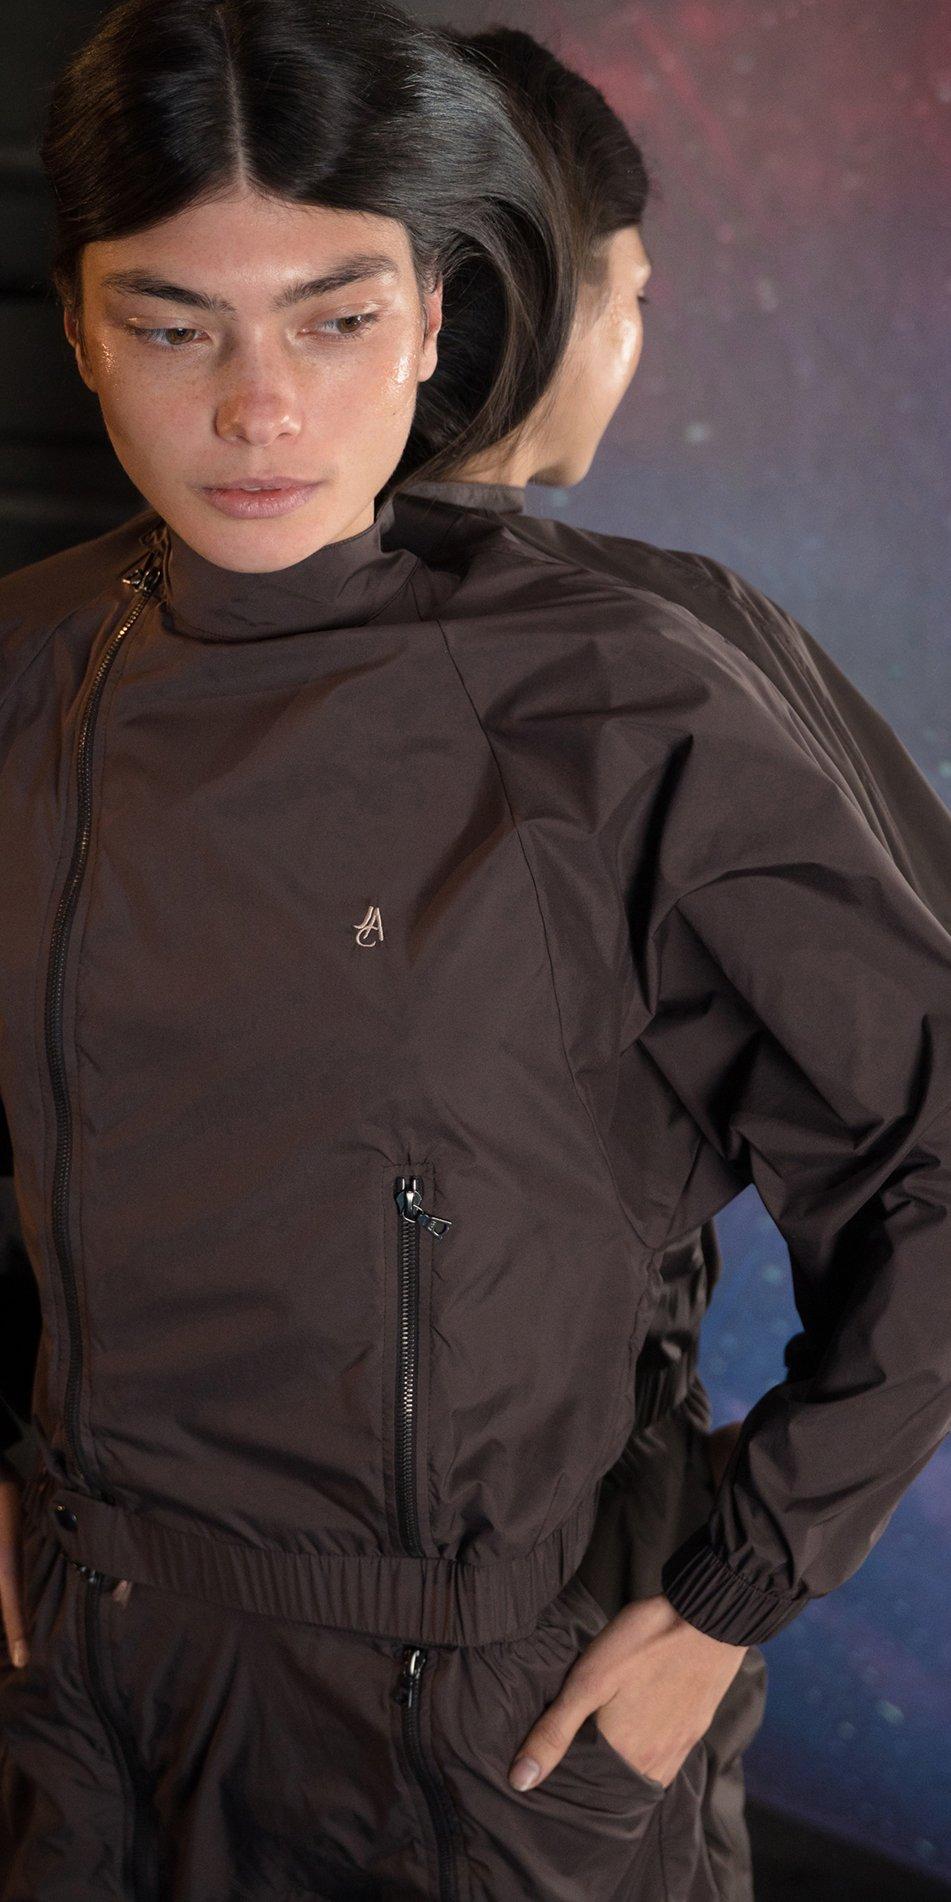 BOMBER chocolate batwing jacket 5